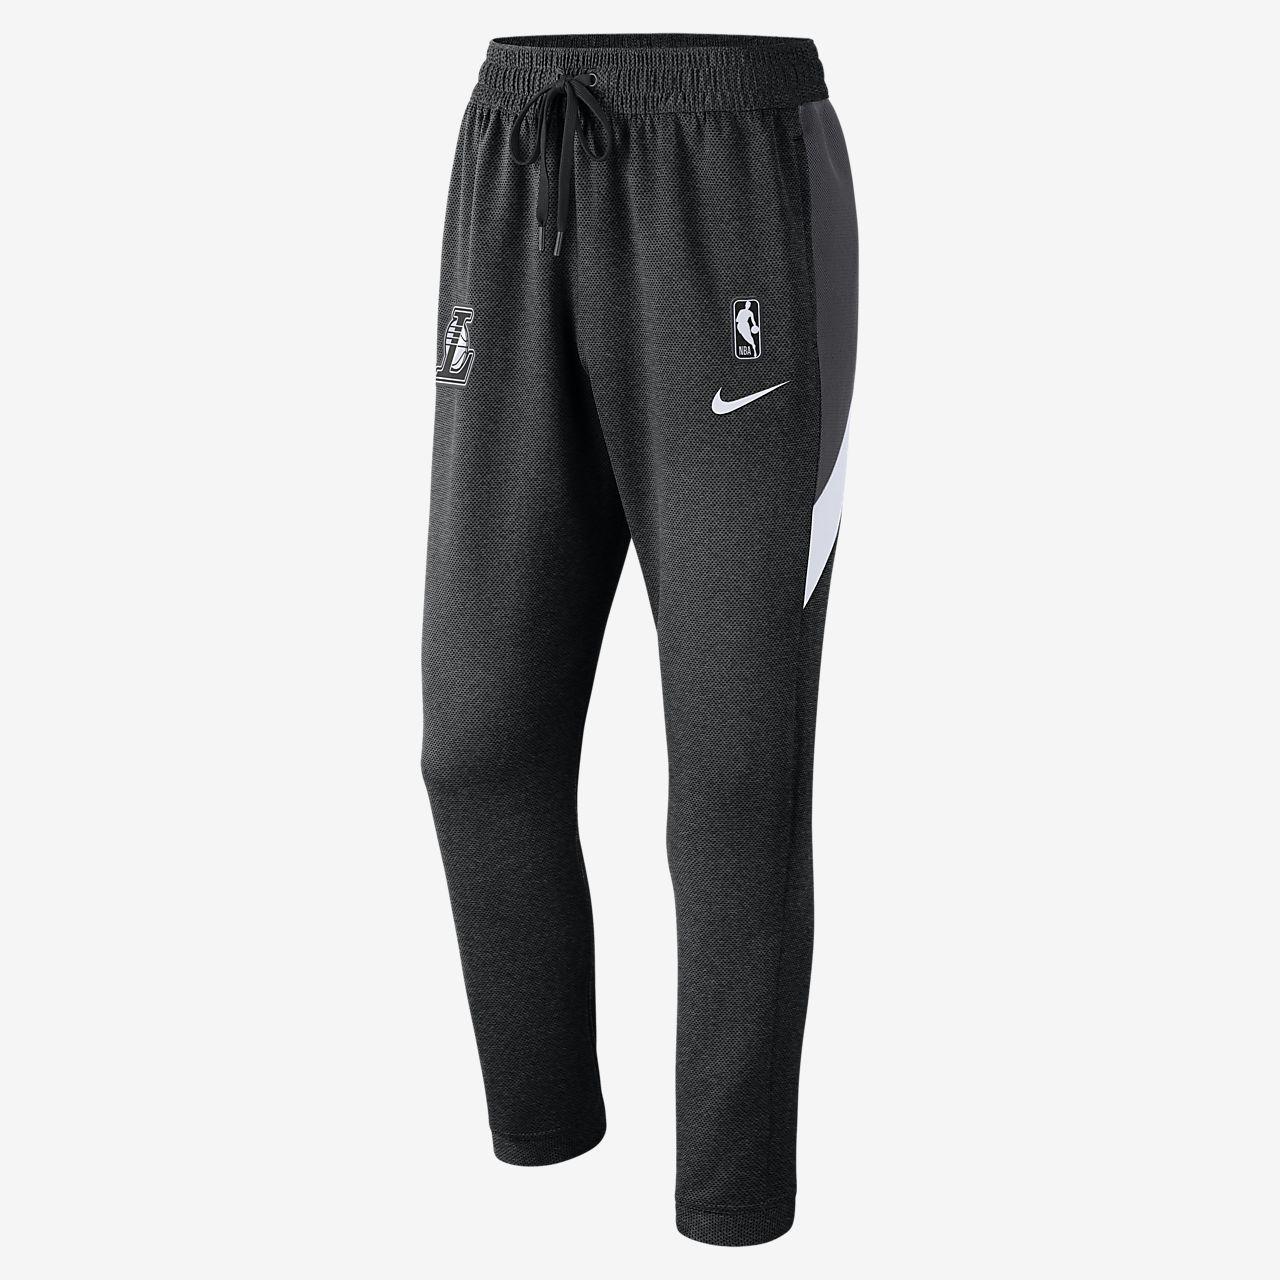 pantalon nike therma flex showtime